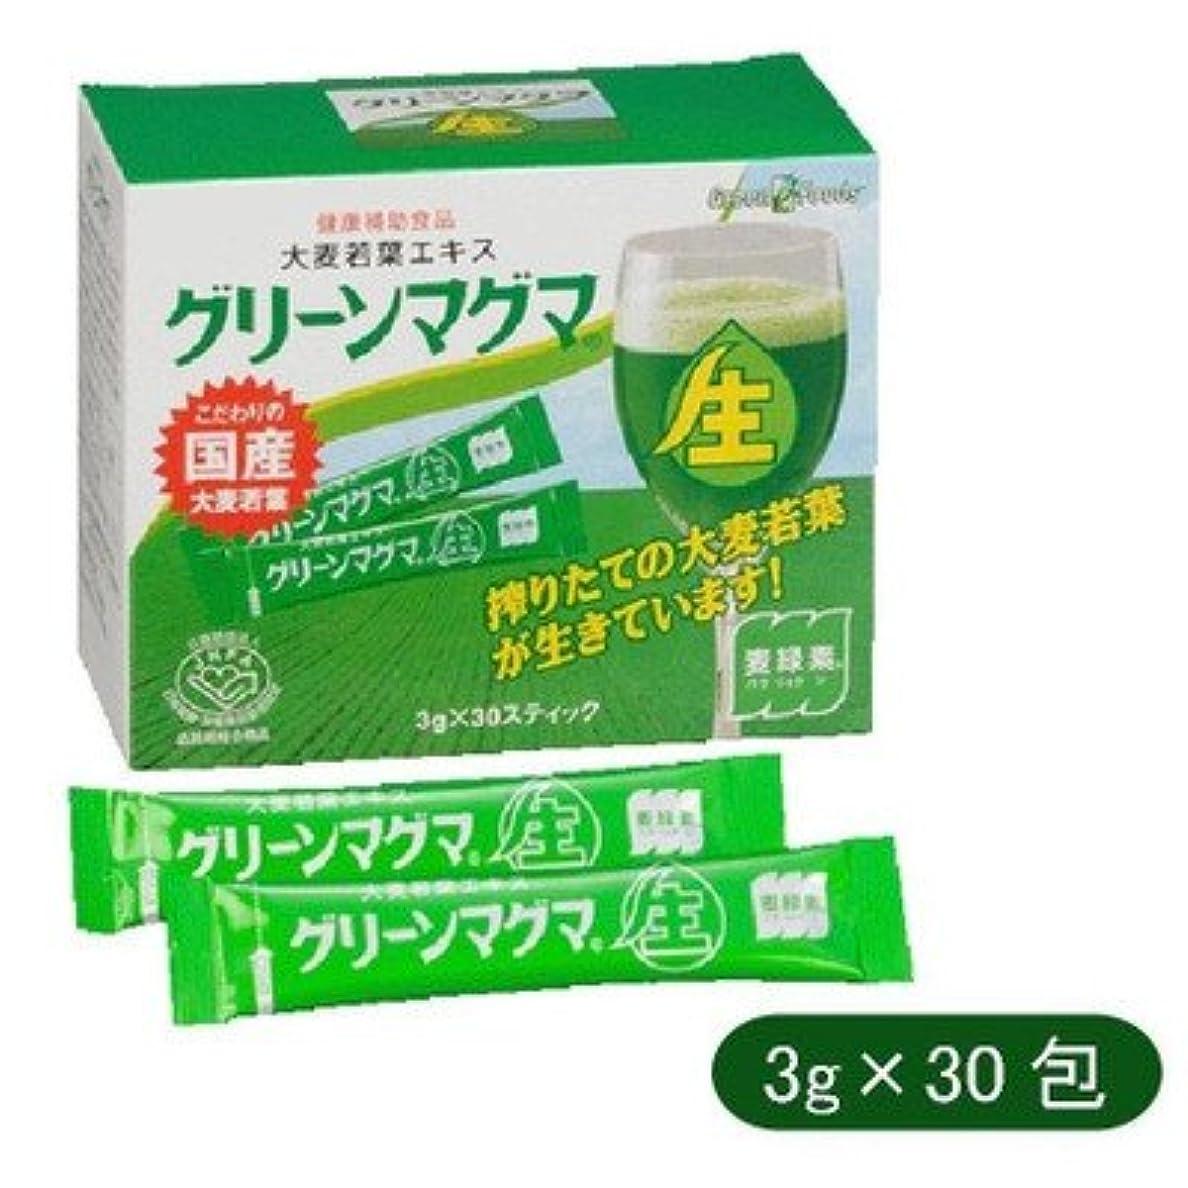 サスペンションエジプト人熱心日本薬品開発 大麦若葉エキス グリーンマグマ 3g×30包 642670